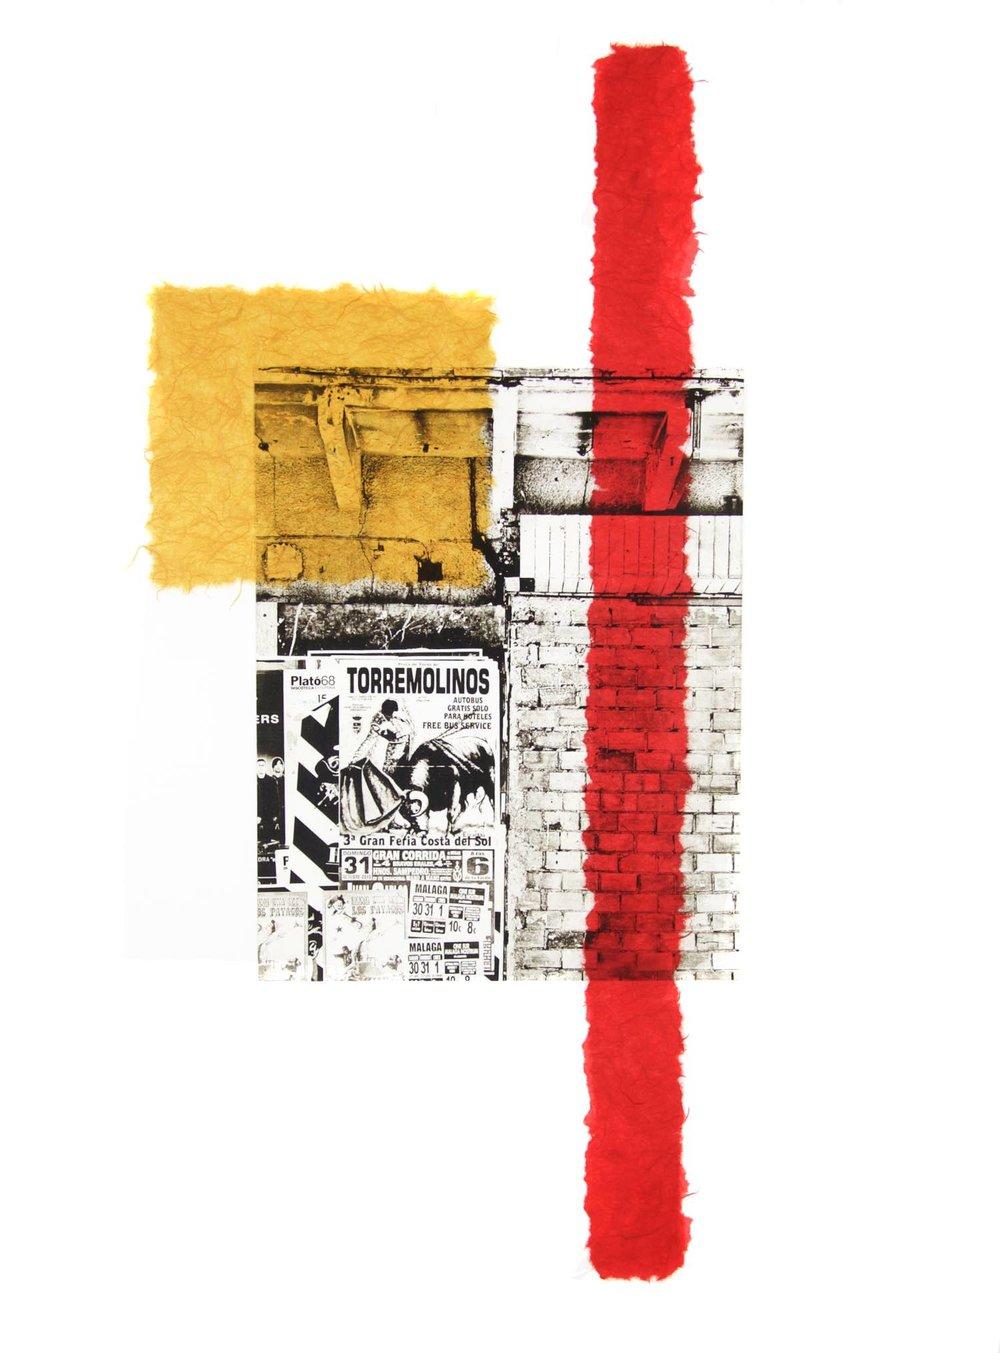 Poster II (Spain)